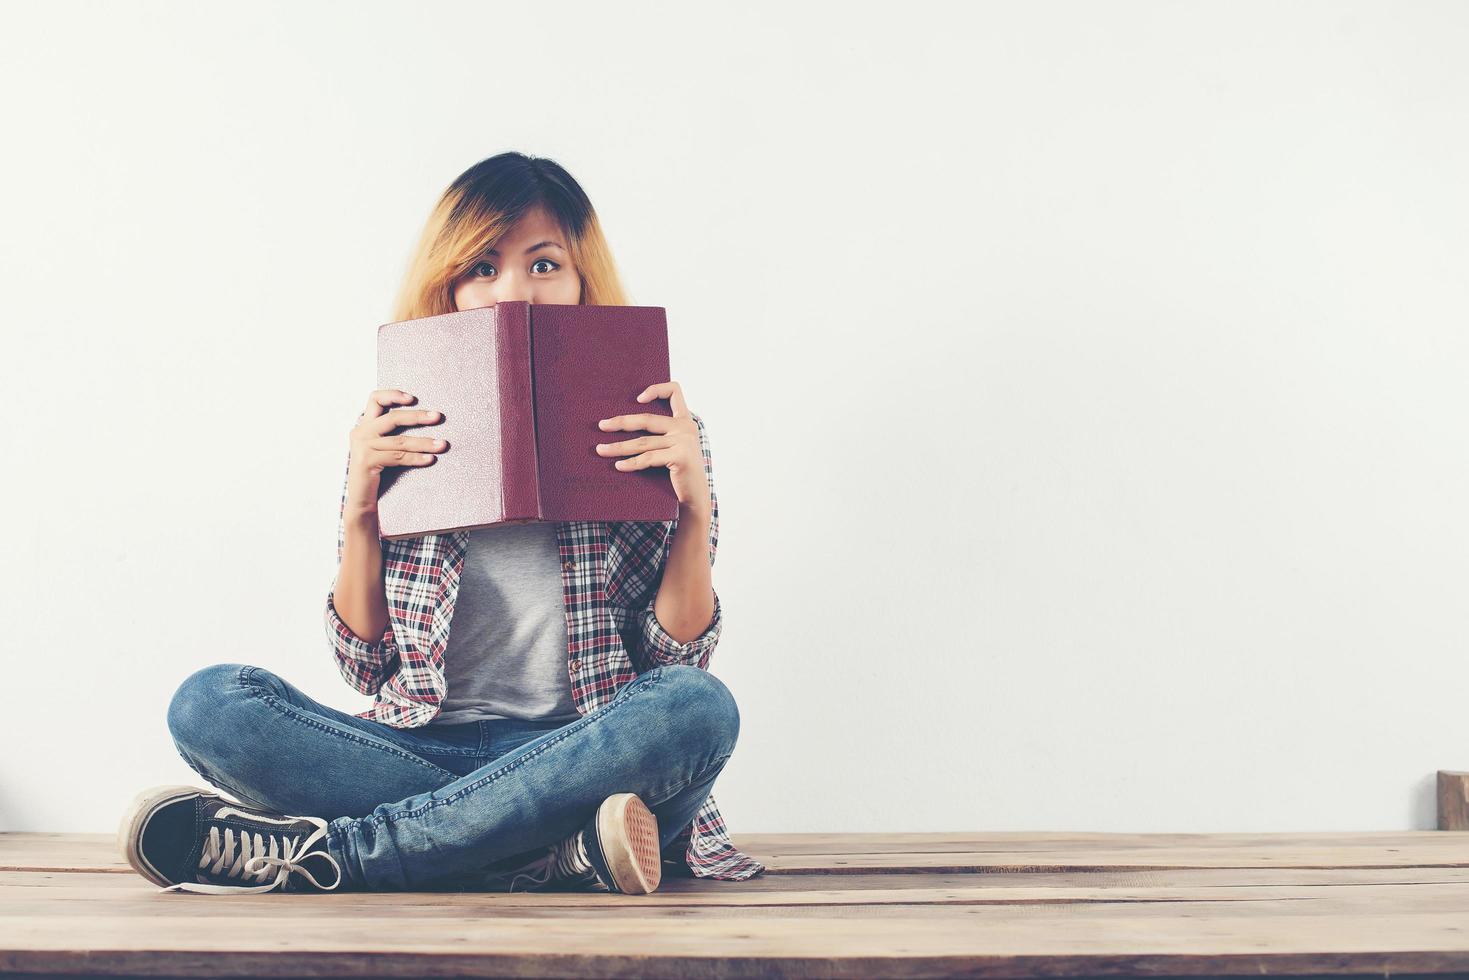 une jeune femme hipster a retiré le livre de son visage avec timidité. photo